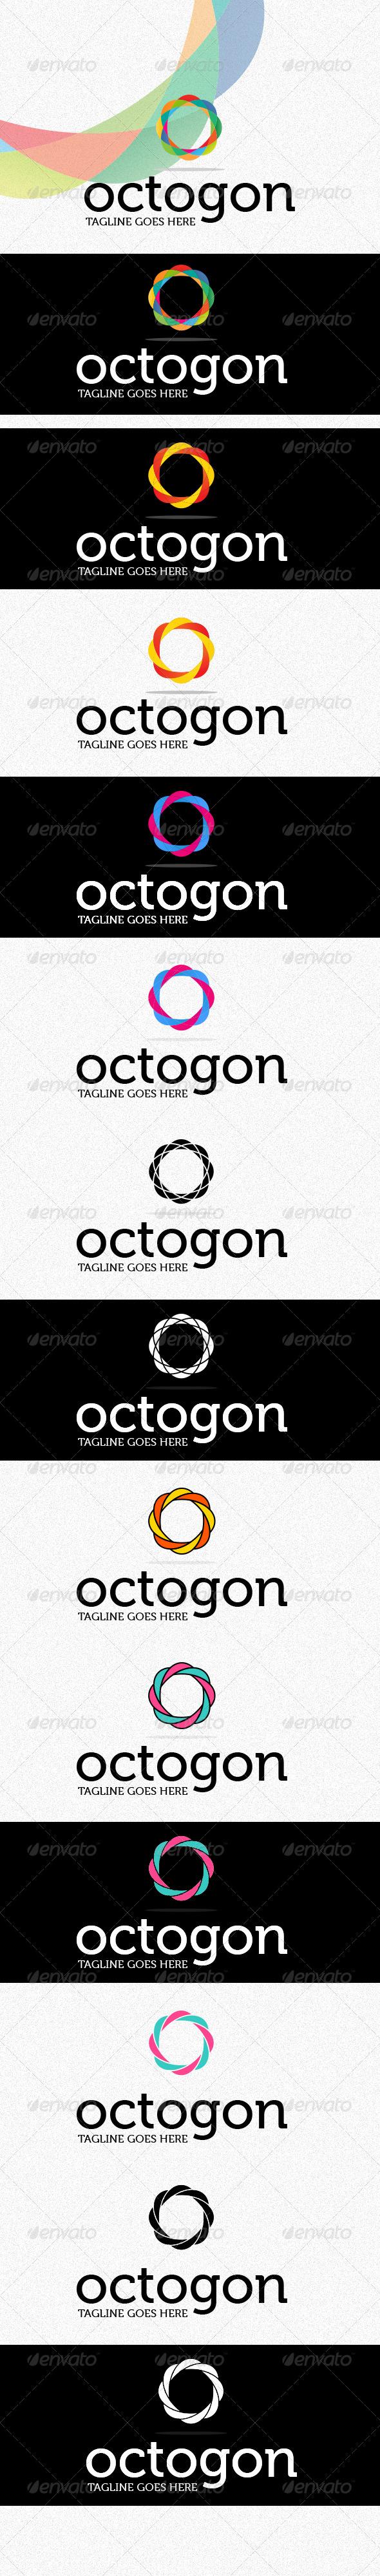 Octogon Logo - Vector Abstract